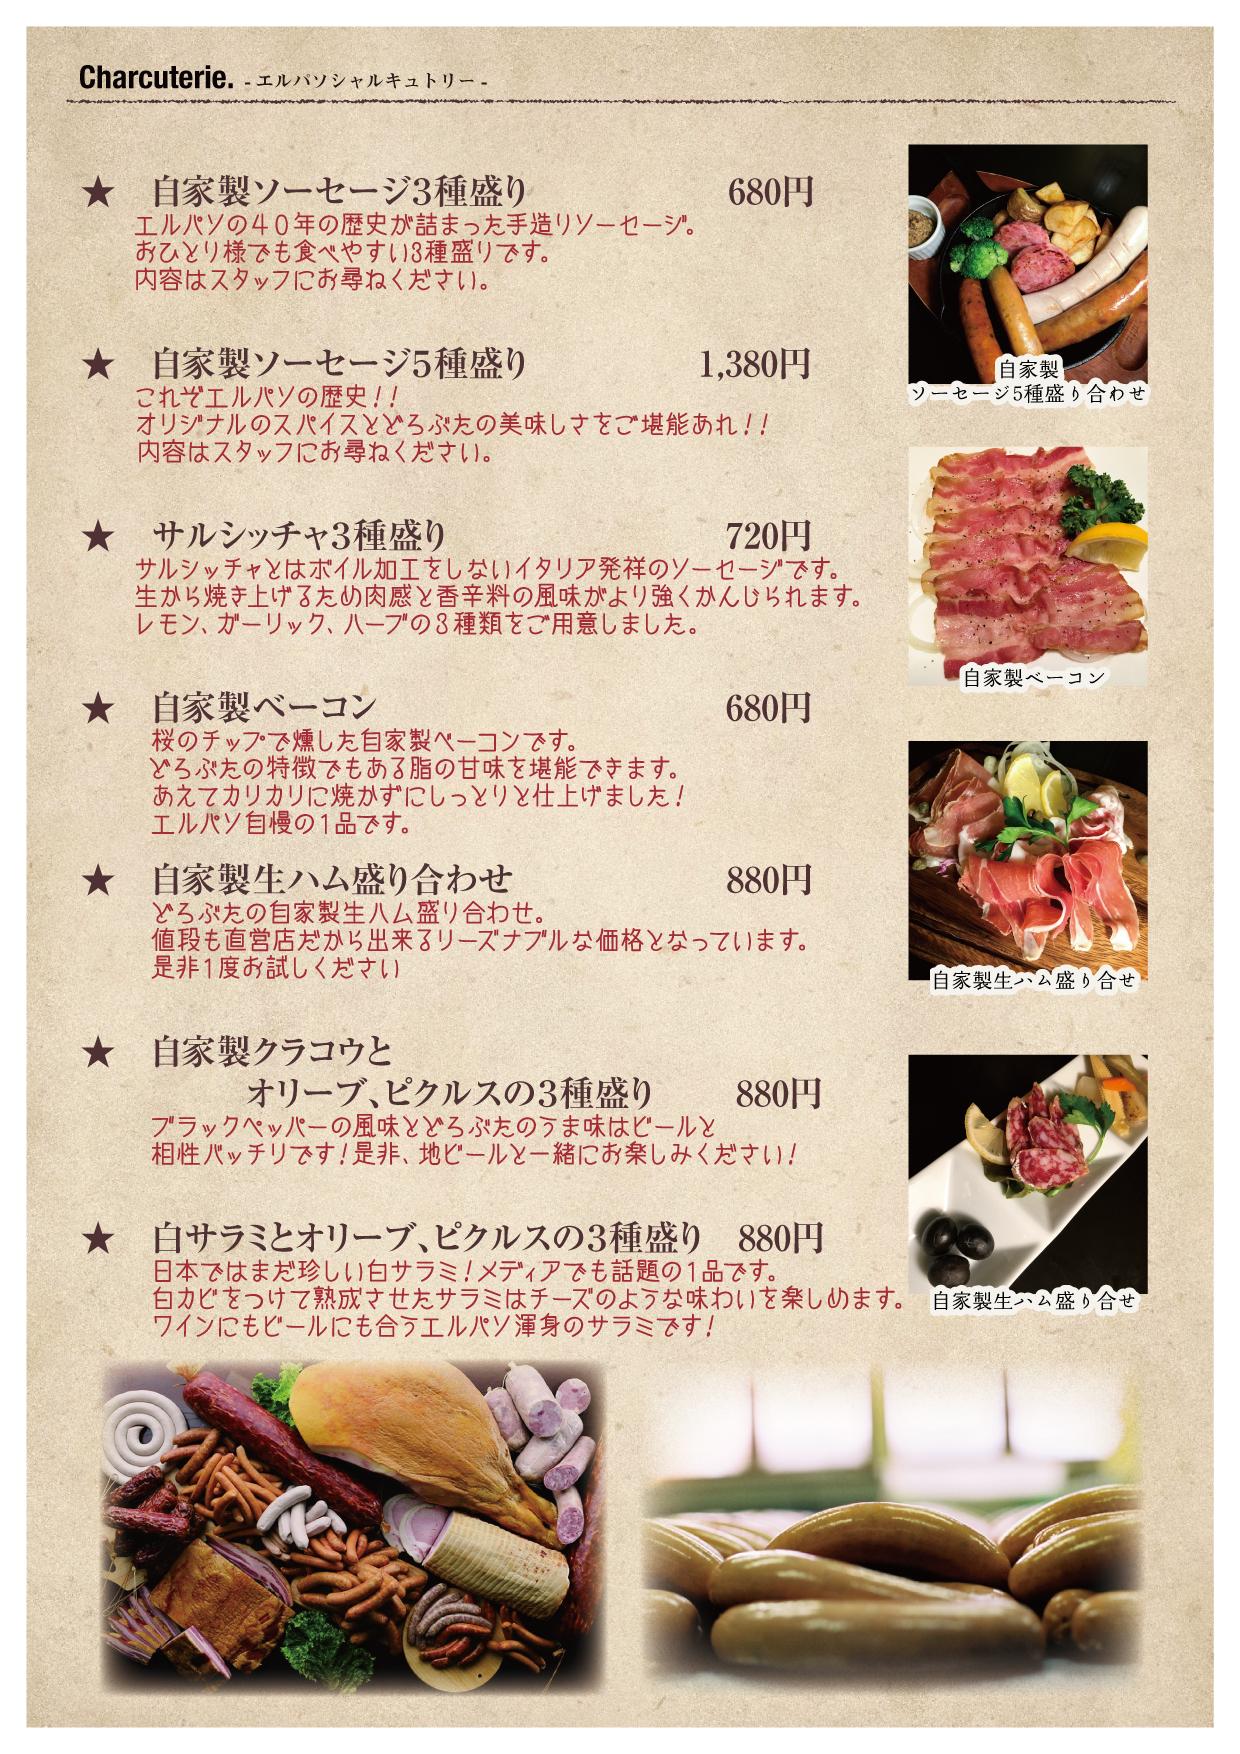 2017新メニューソーセージシャルキュトリー-01